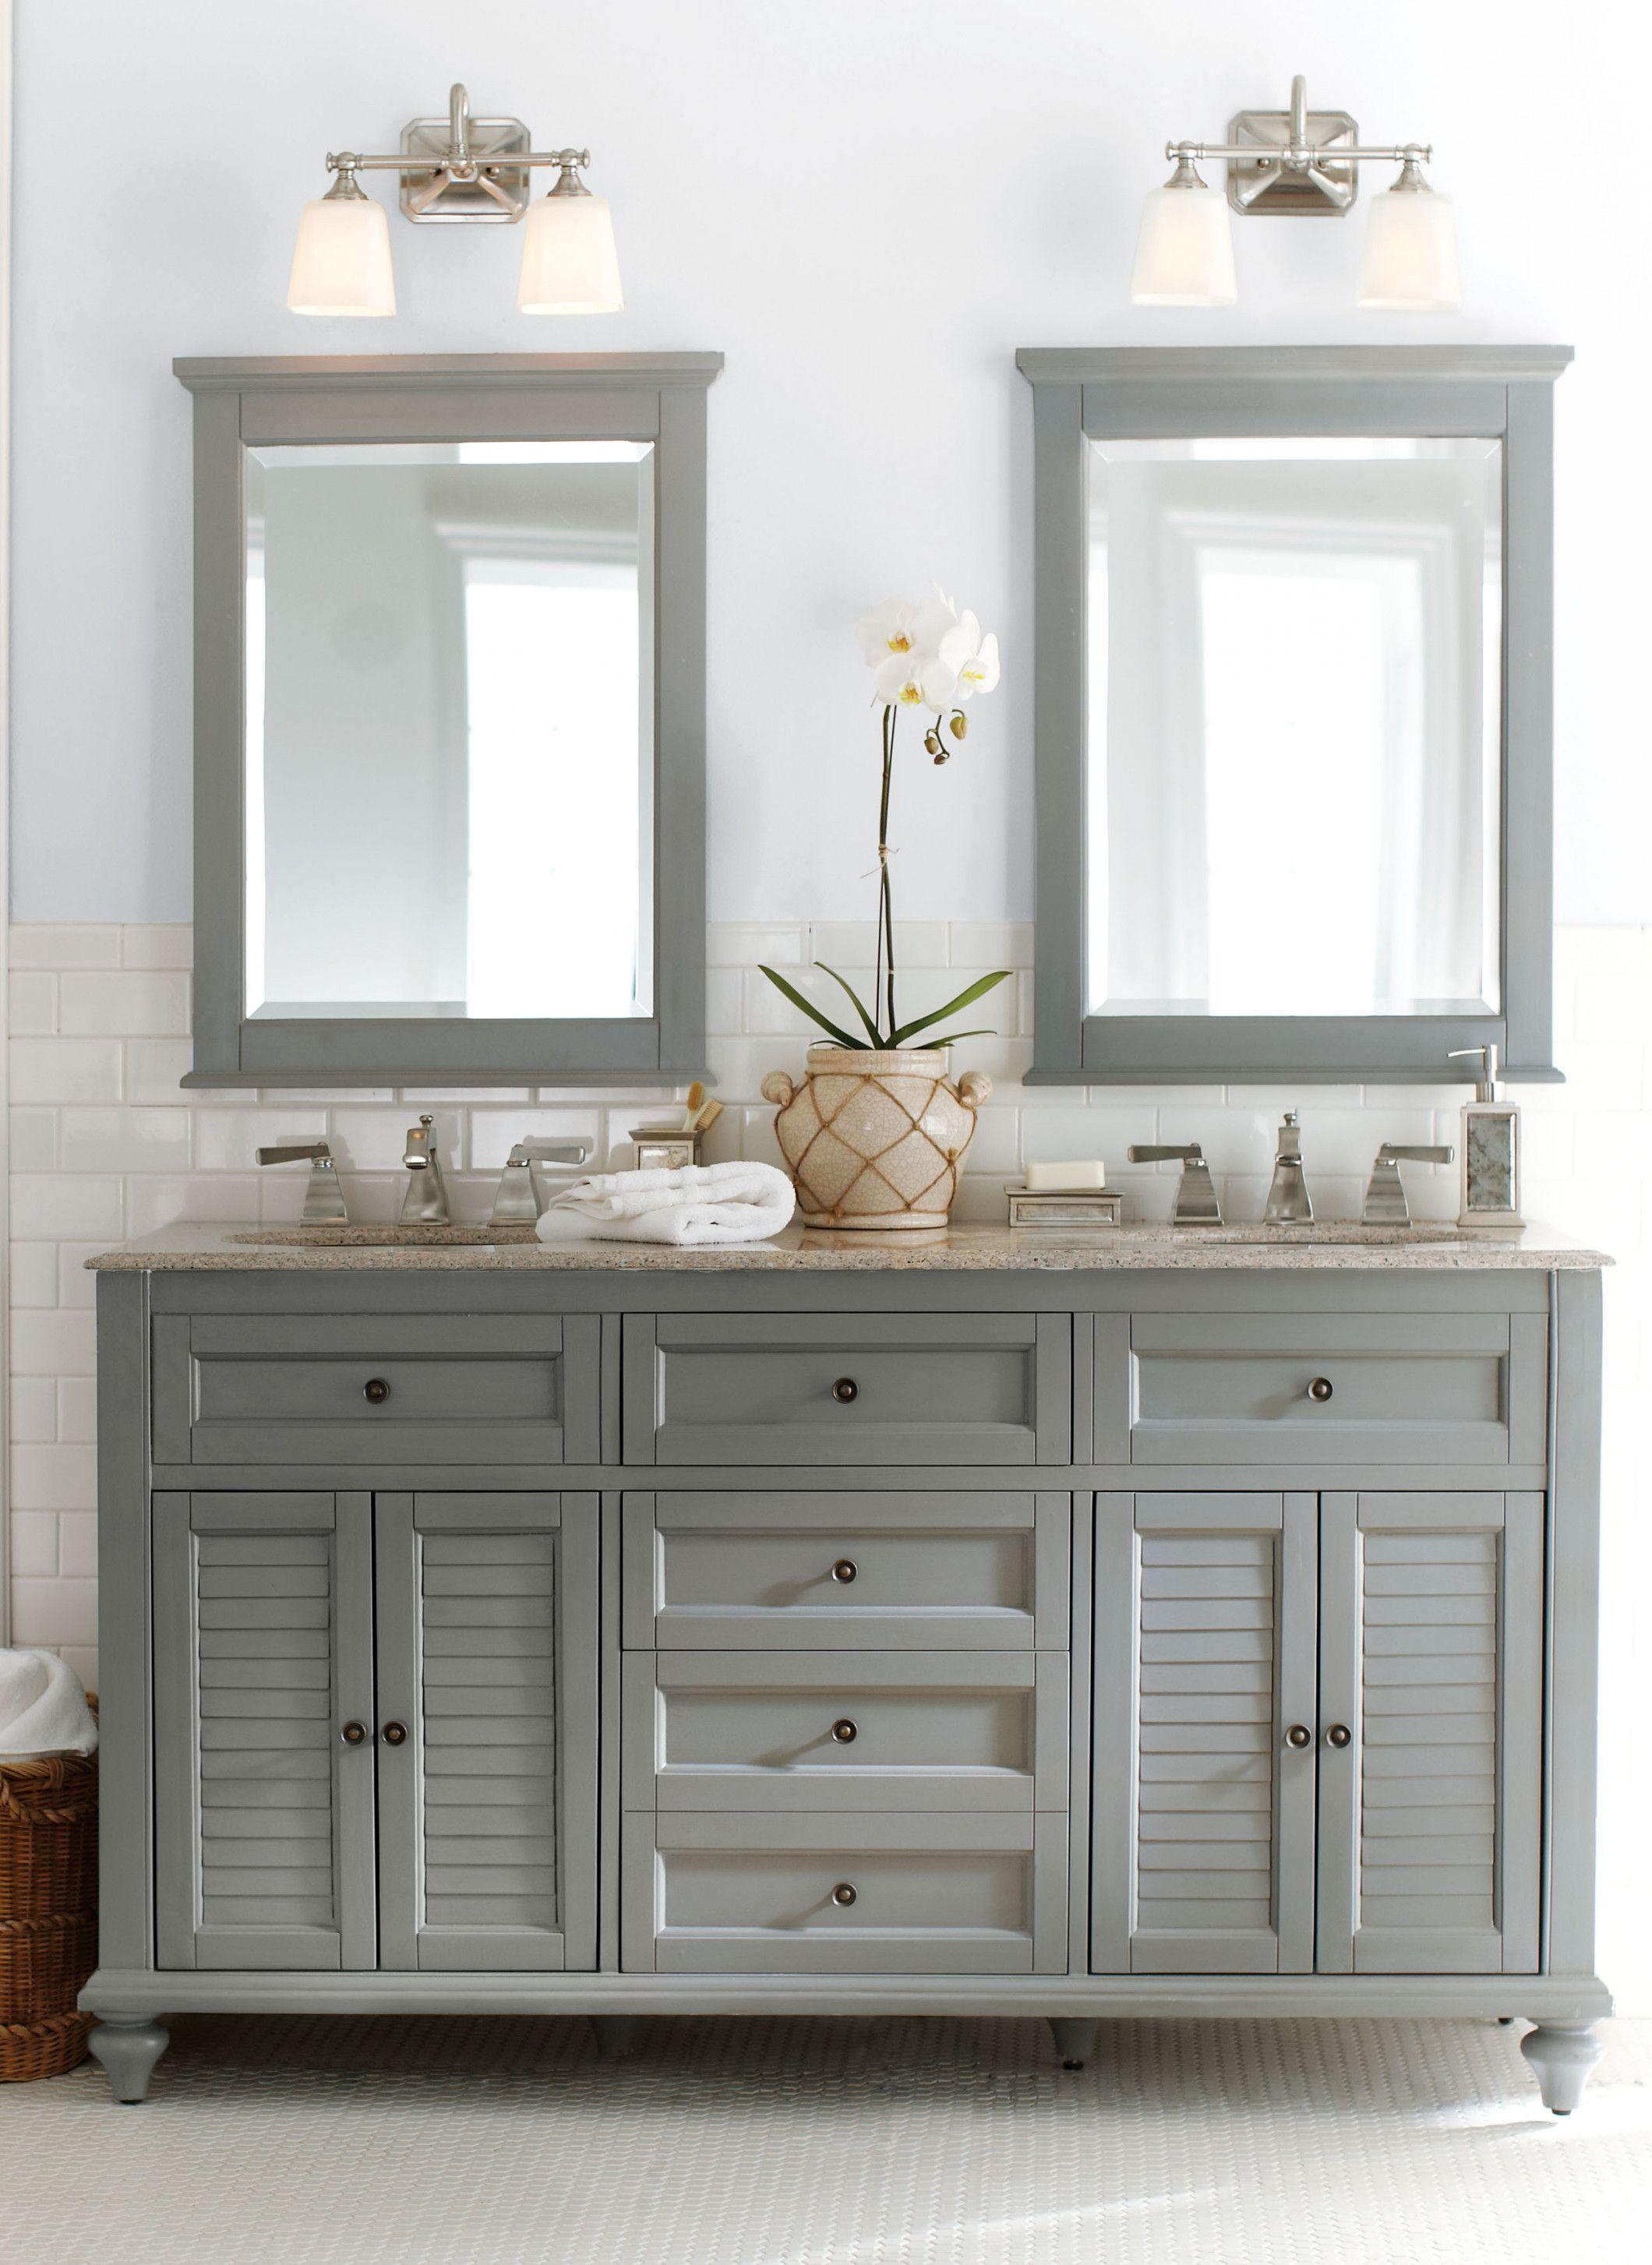 Kleine Doppel Waschtisch (mit Bildern) | Badezimmer ...